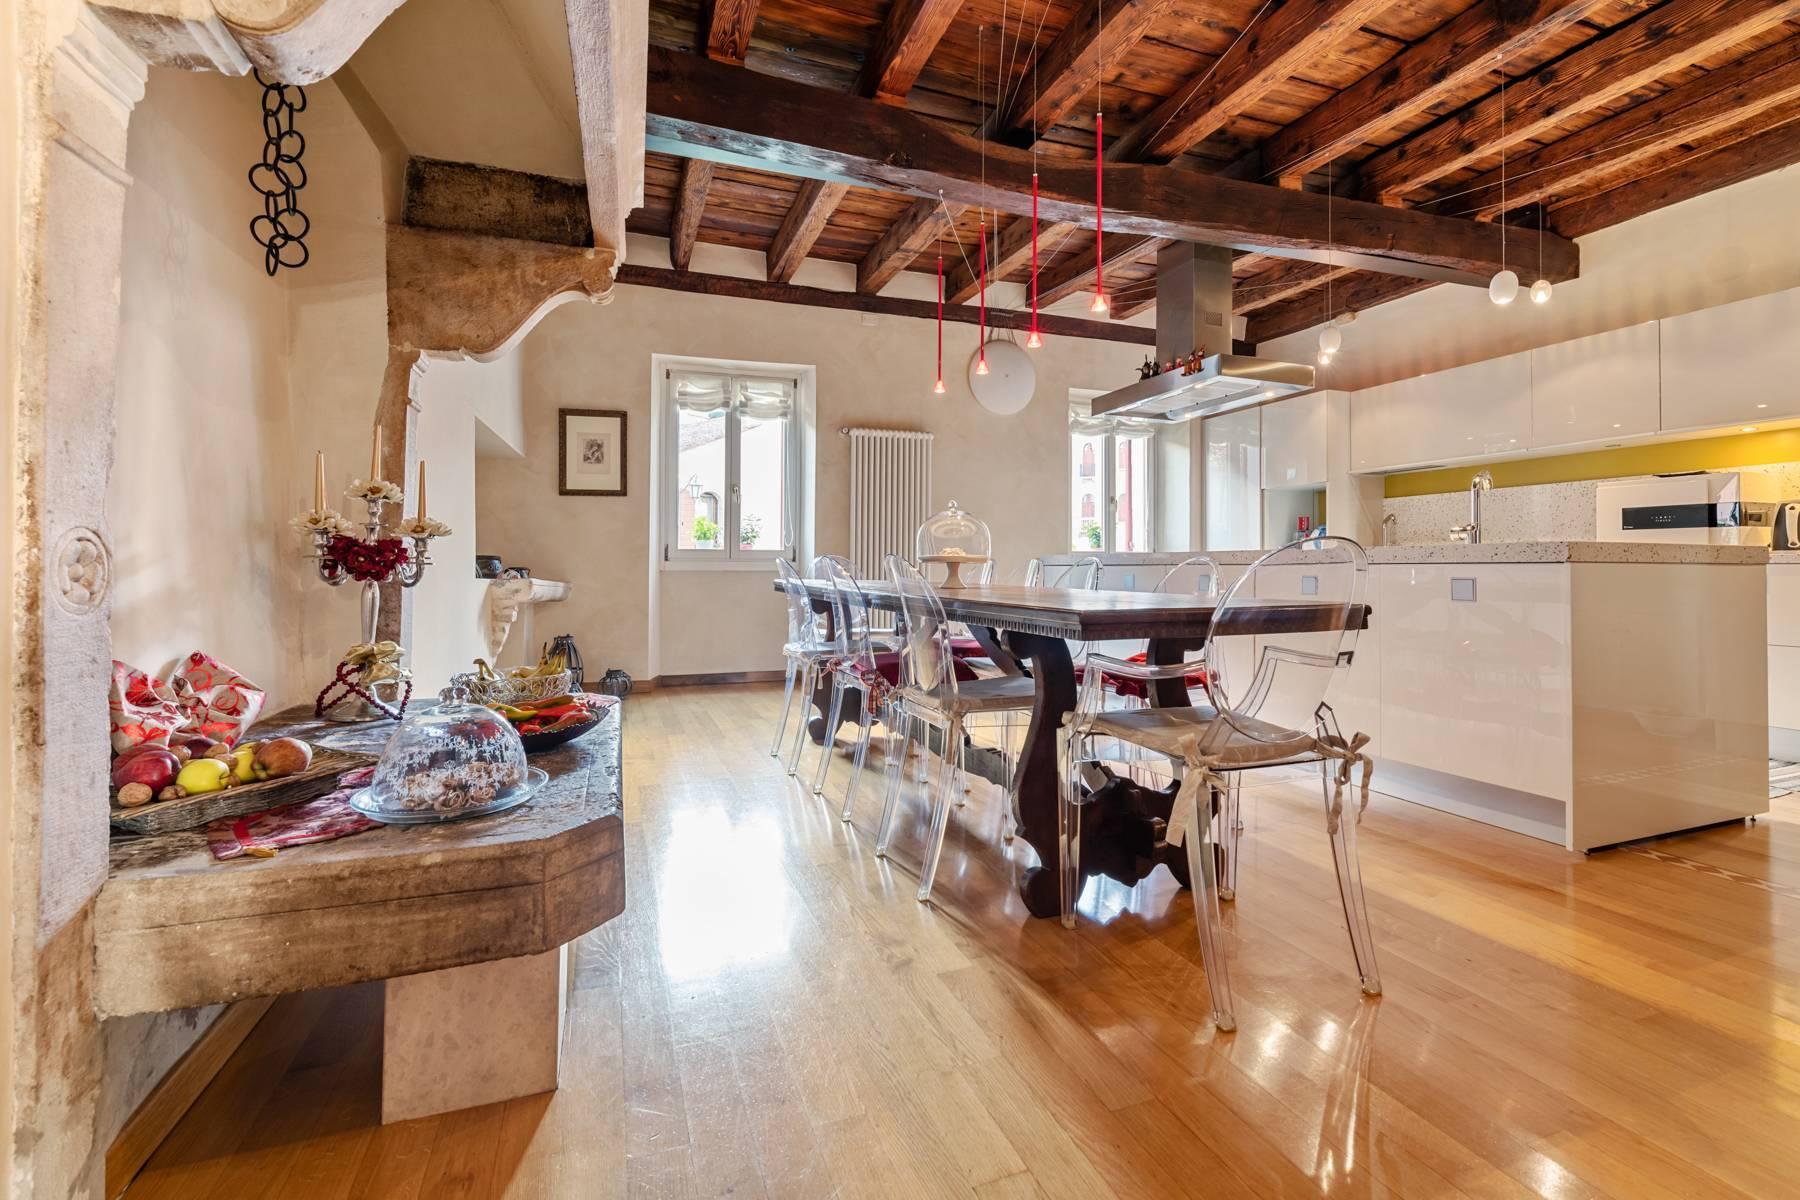 Renoviertes Gebäude aus dem 15. Jahrhundert im historischen Zentrum von Serravalle, Heimat des Malers Antonello Da Serravalle - 6